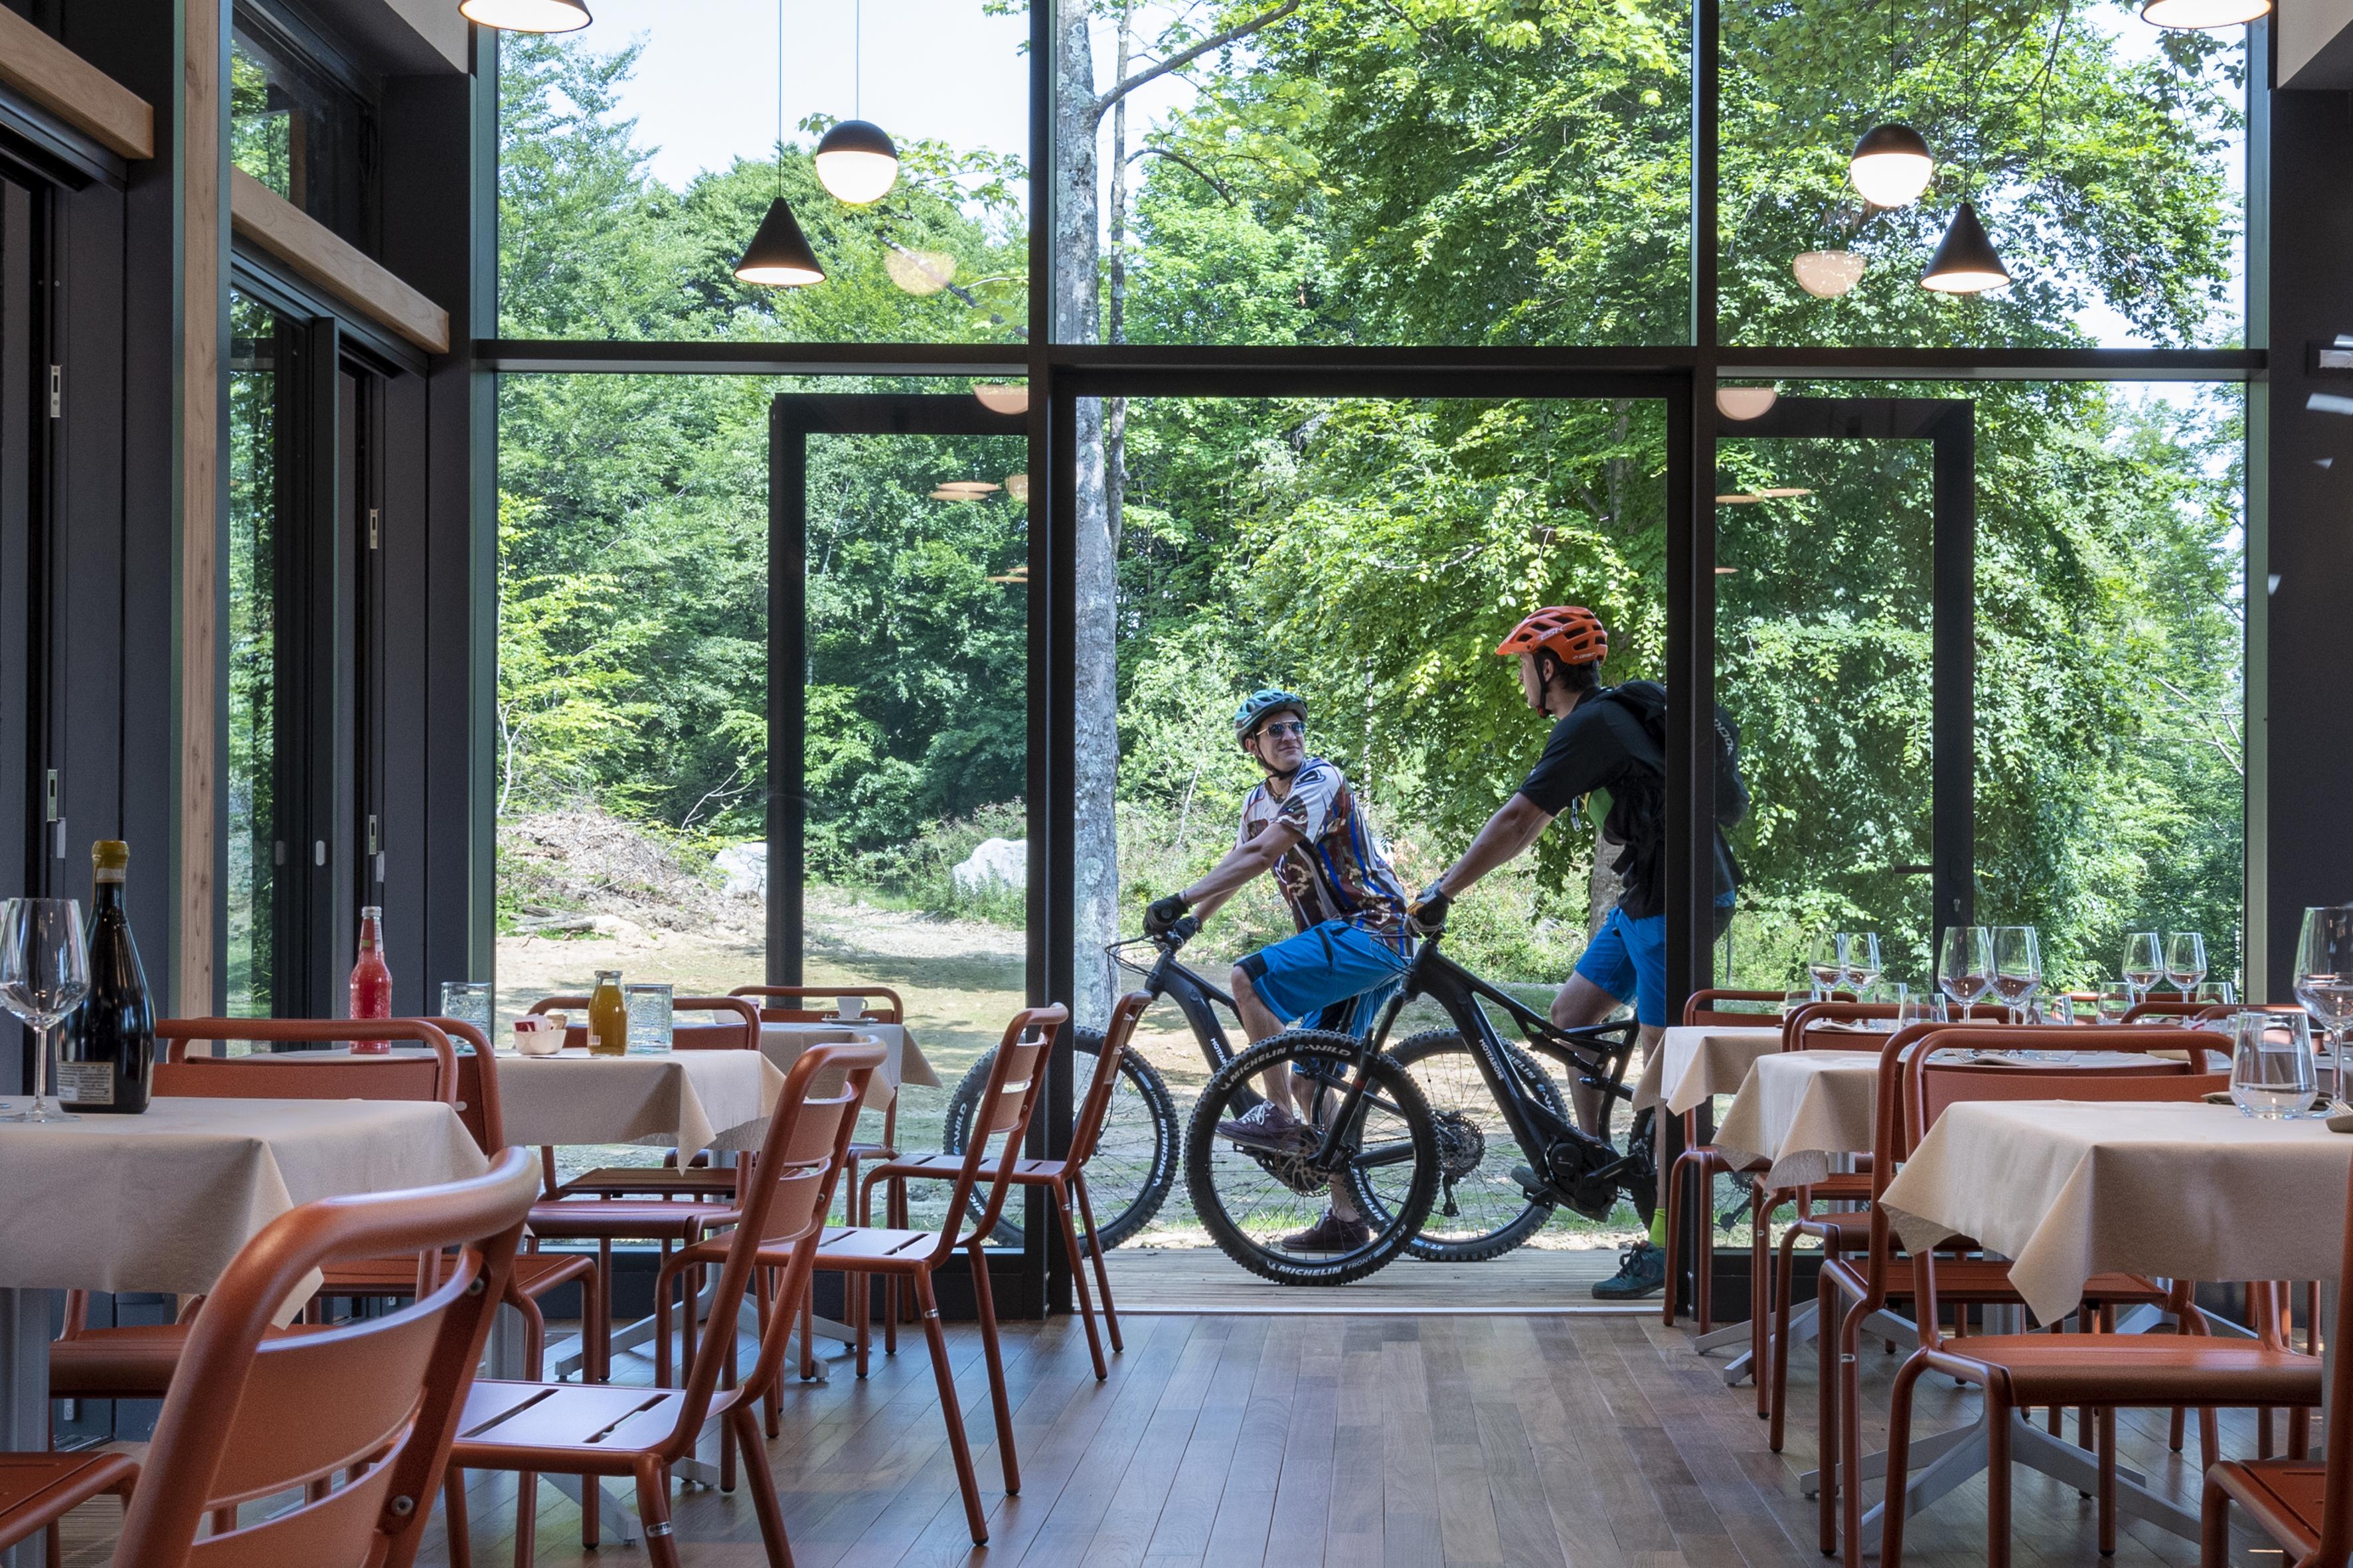 Da sabato 4 luglio torna il bike rent al BAR STAZIONE